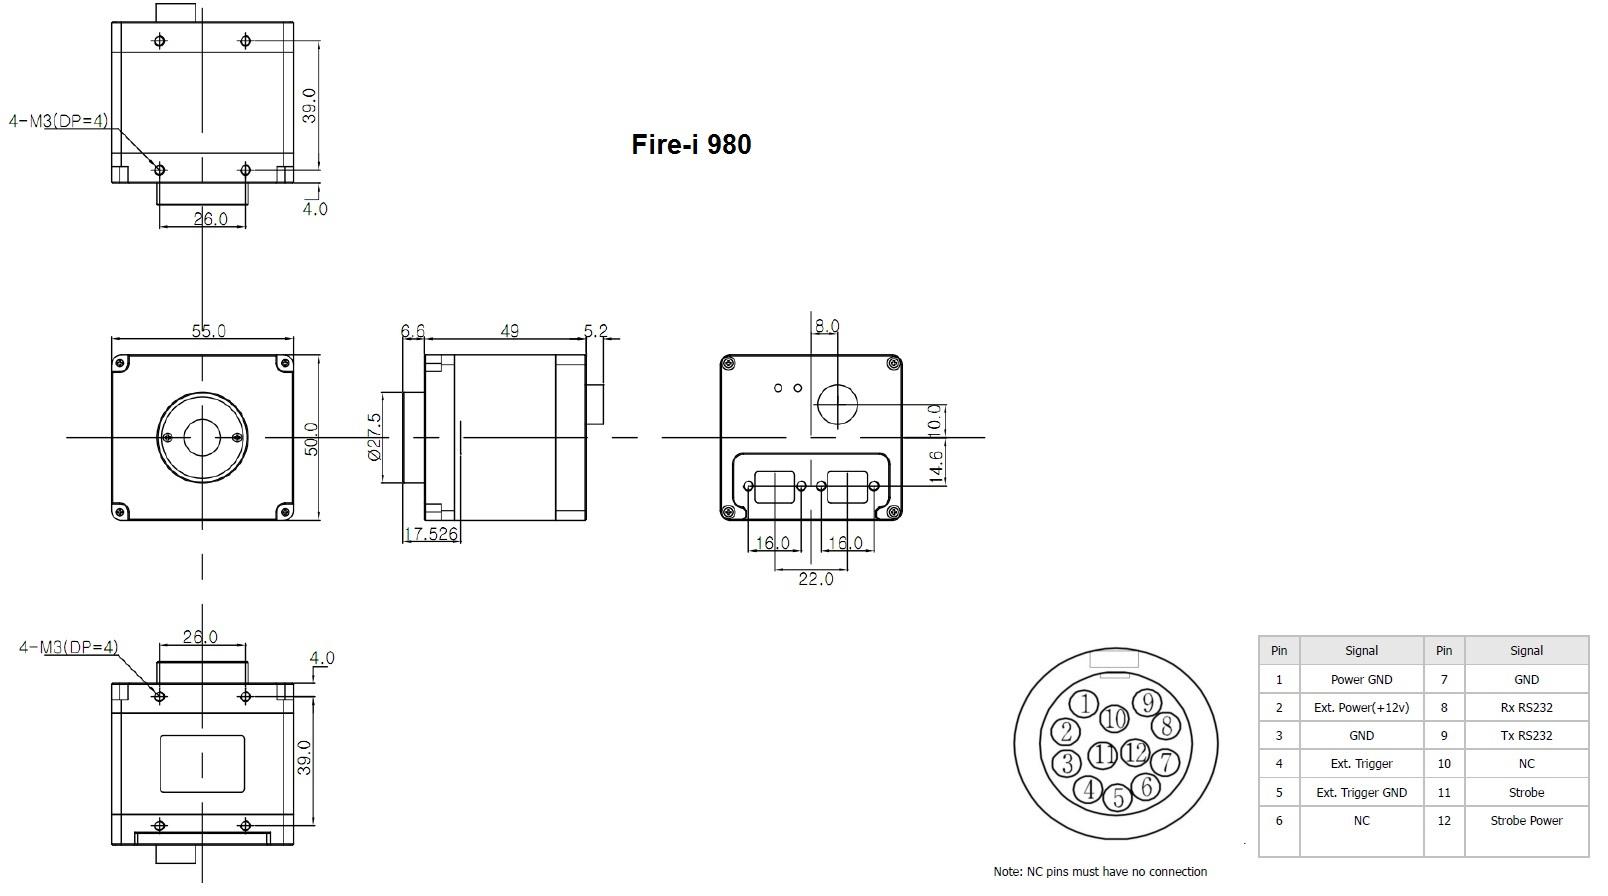 mechanical diagram (fire-i 980)